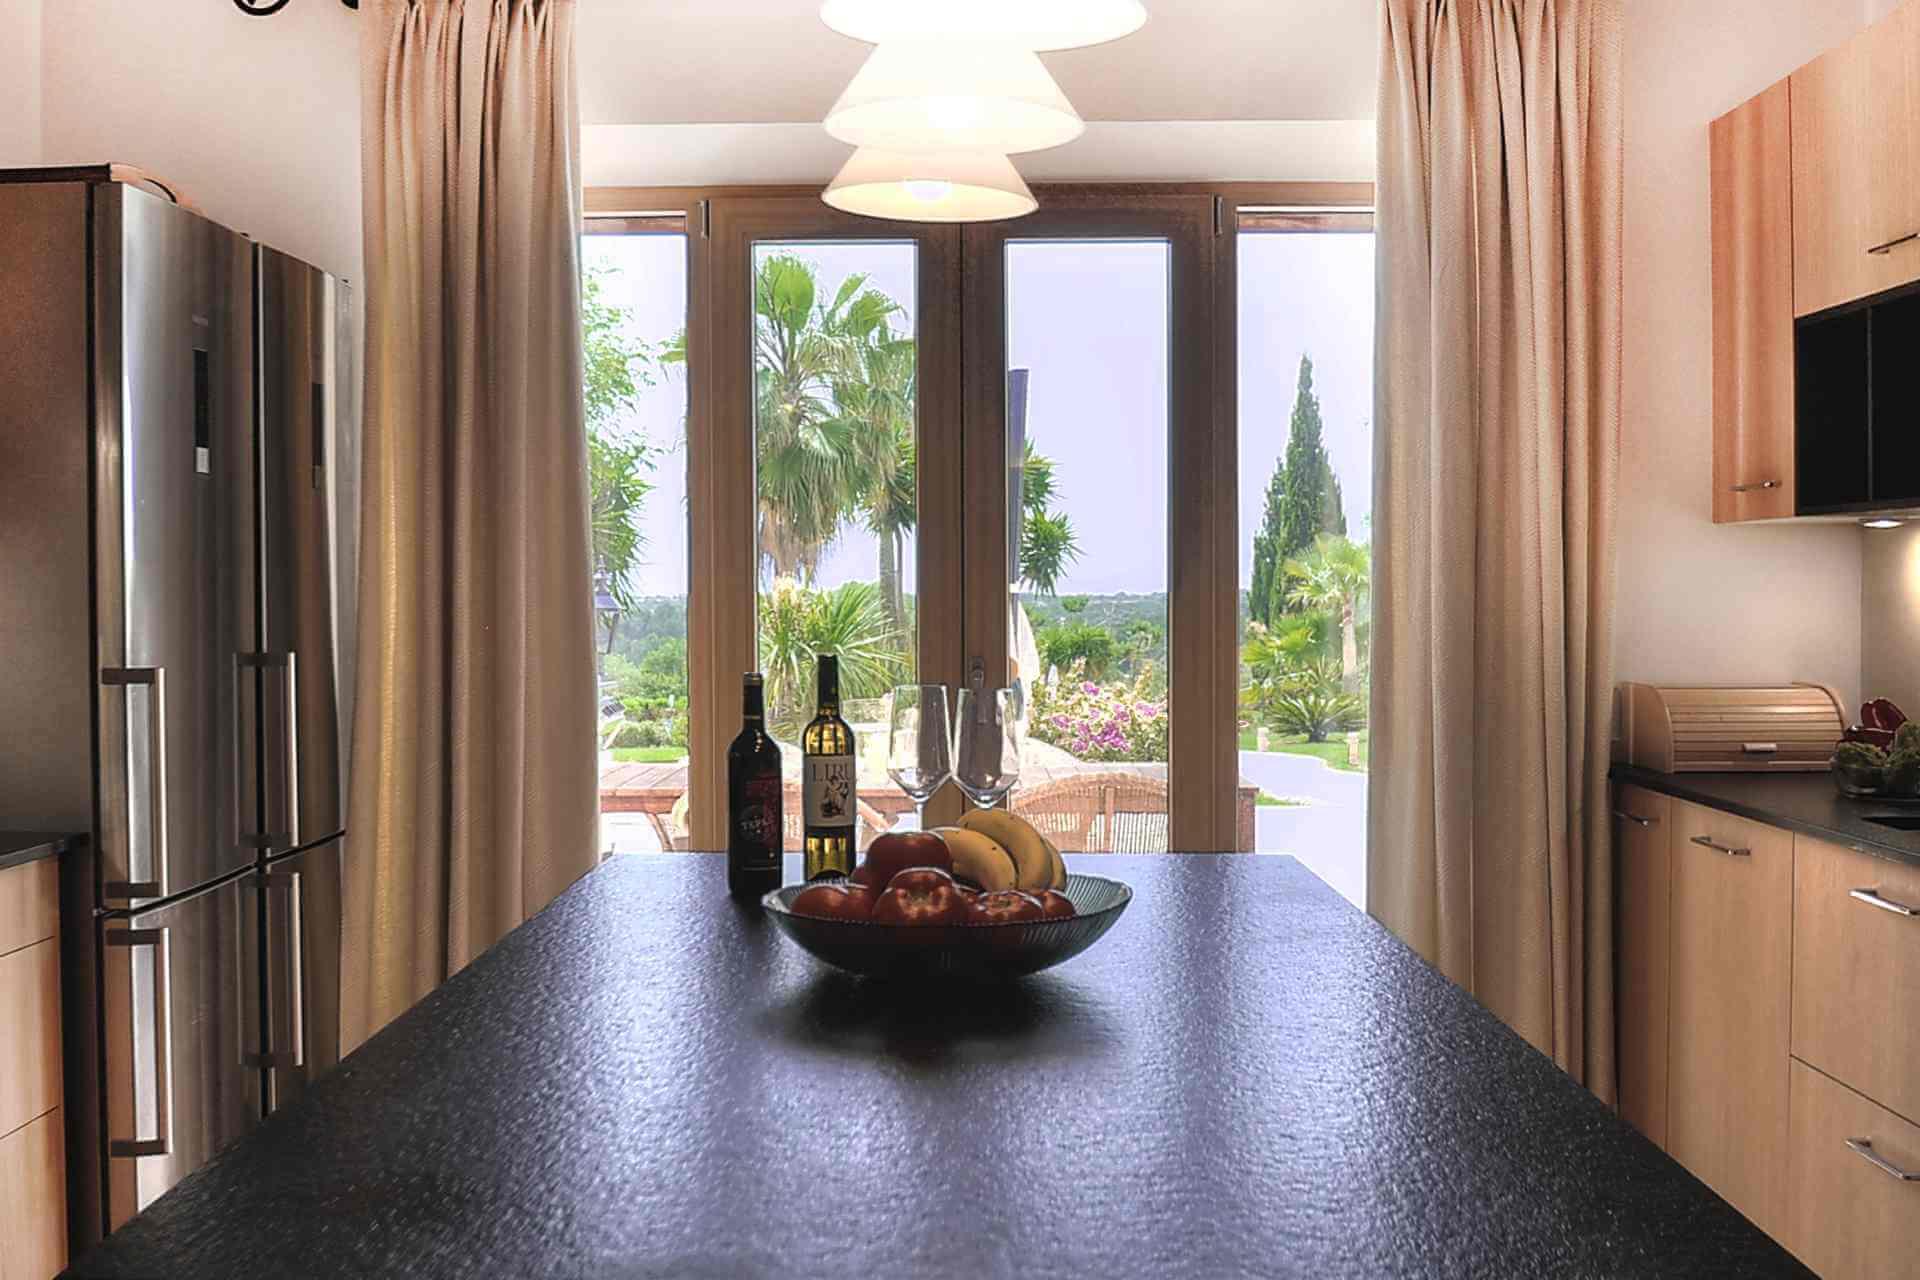 01-319 huge luxury finca mallorca east Bild 21